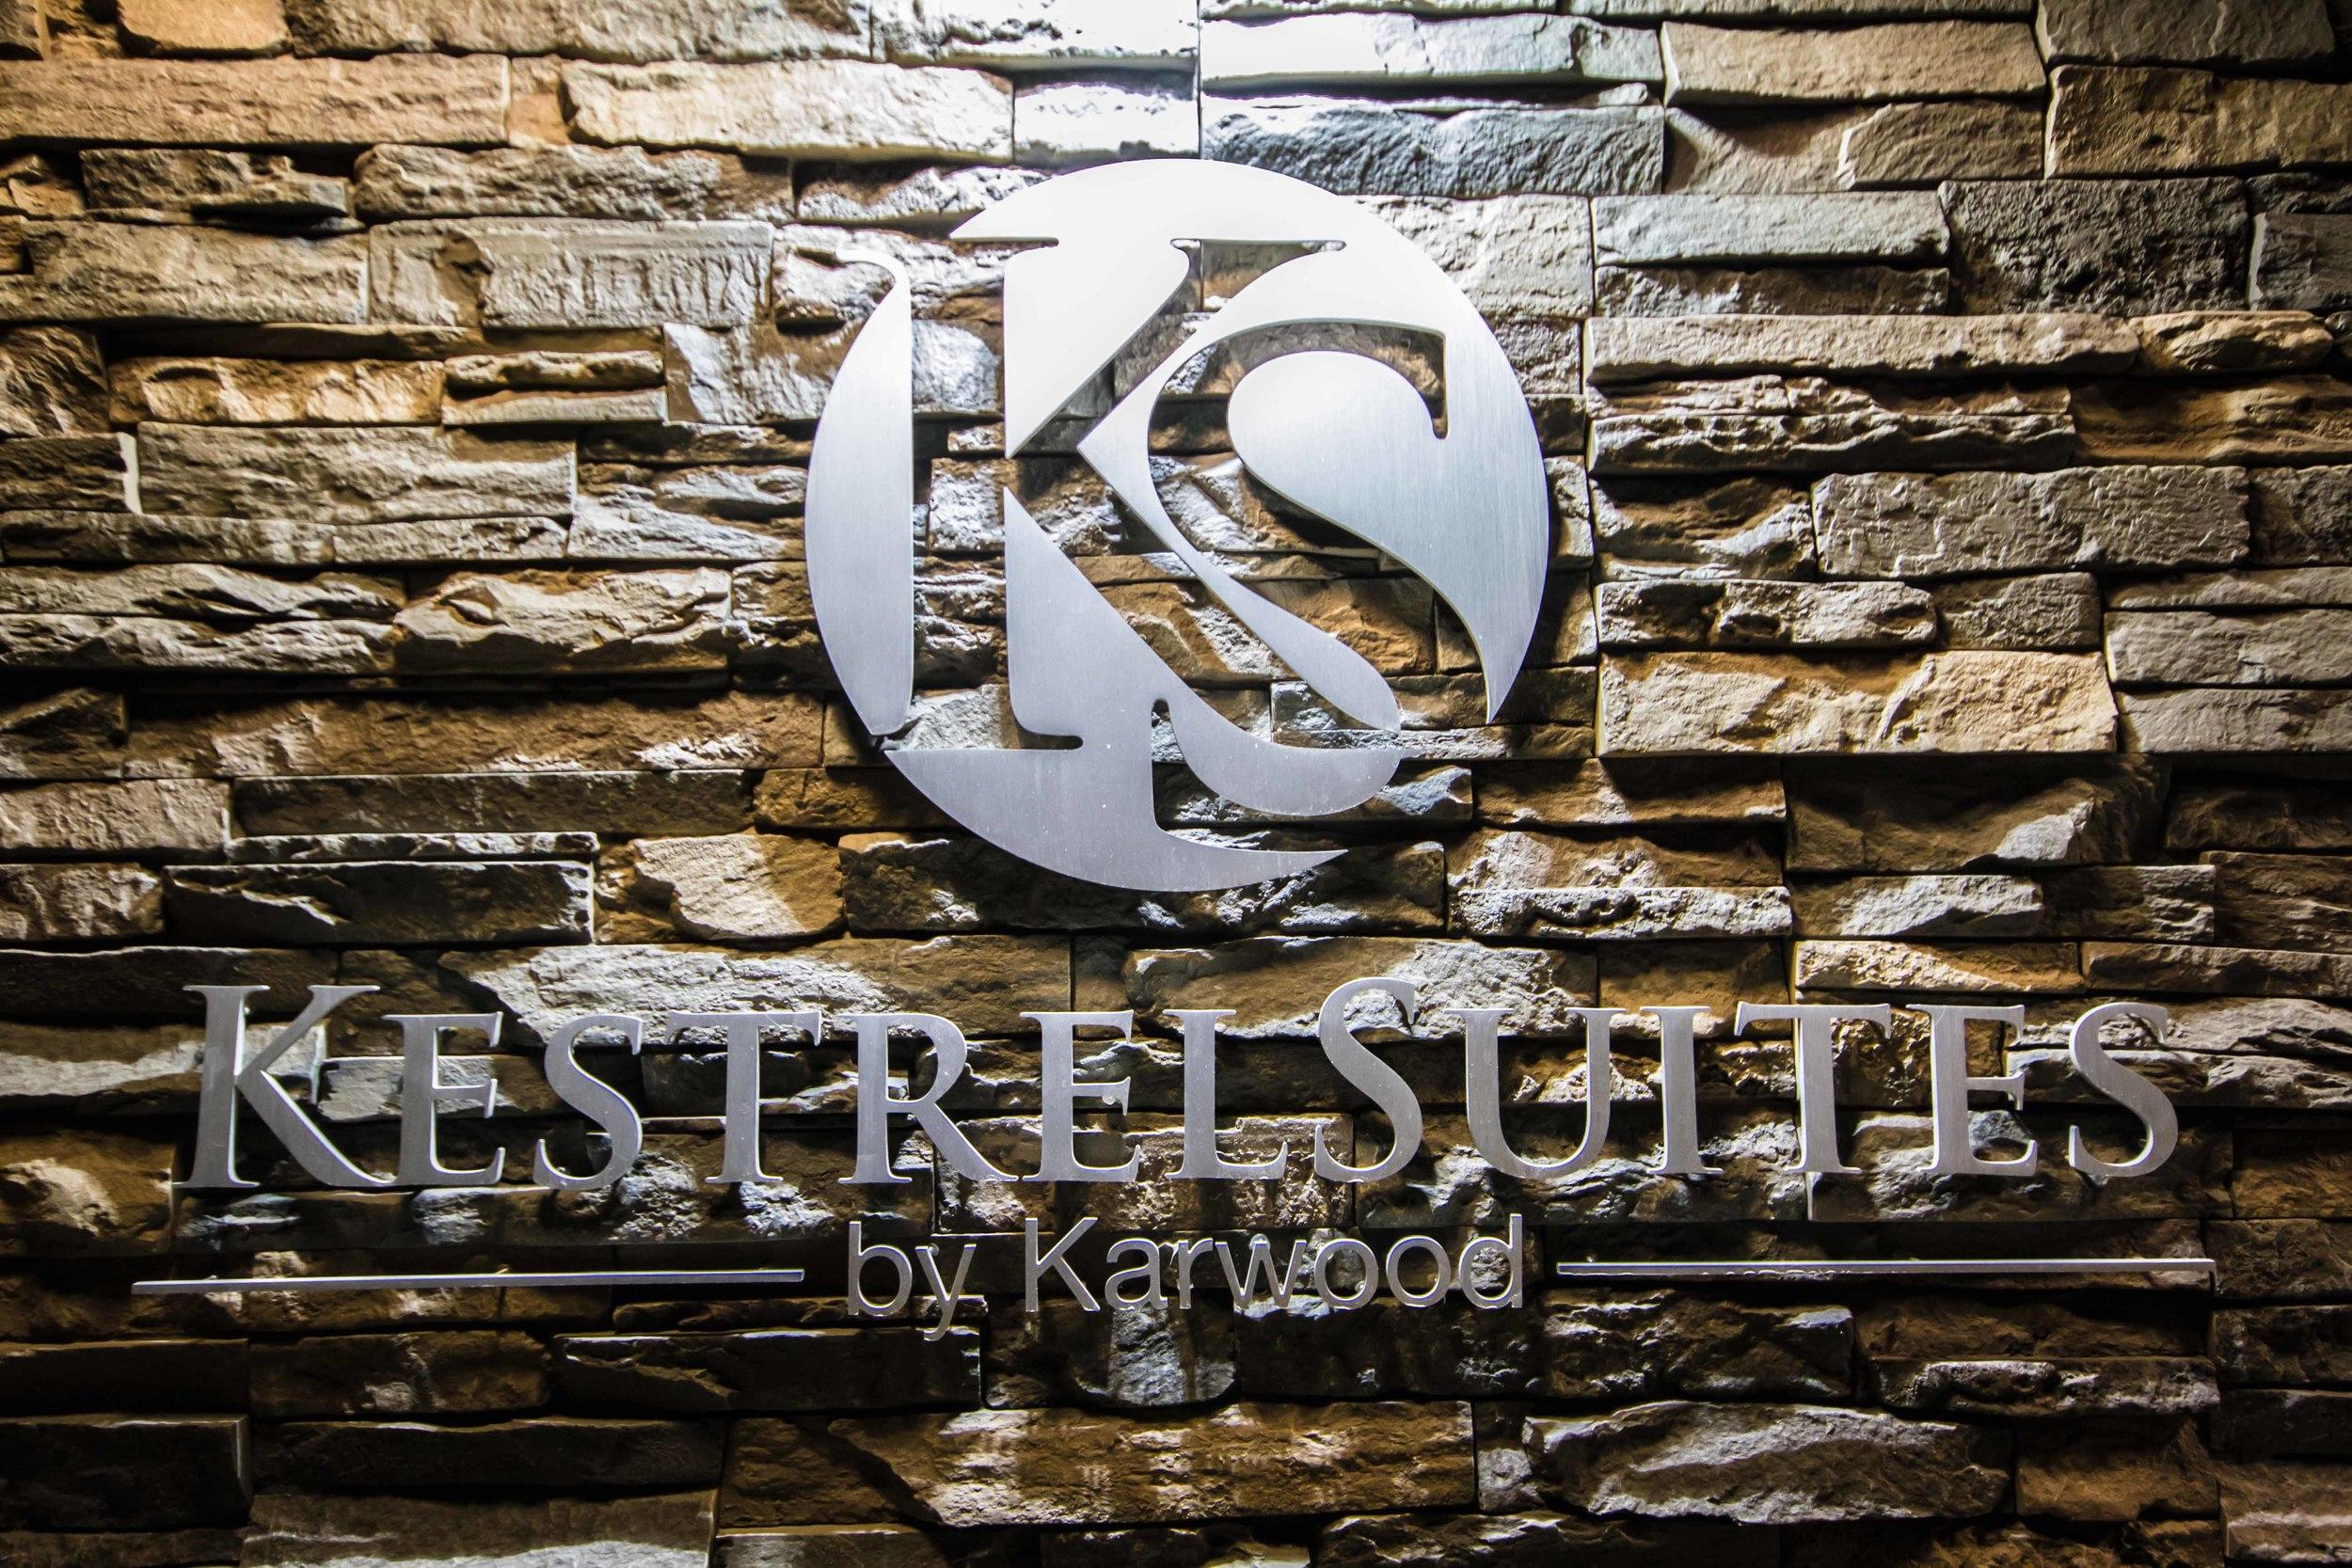 Kestrel Suites by Karwood.jpg